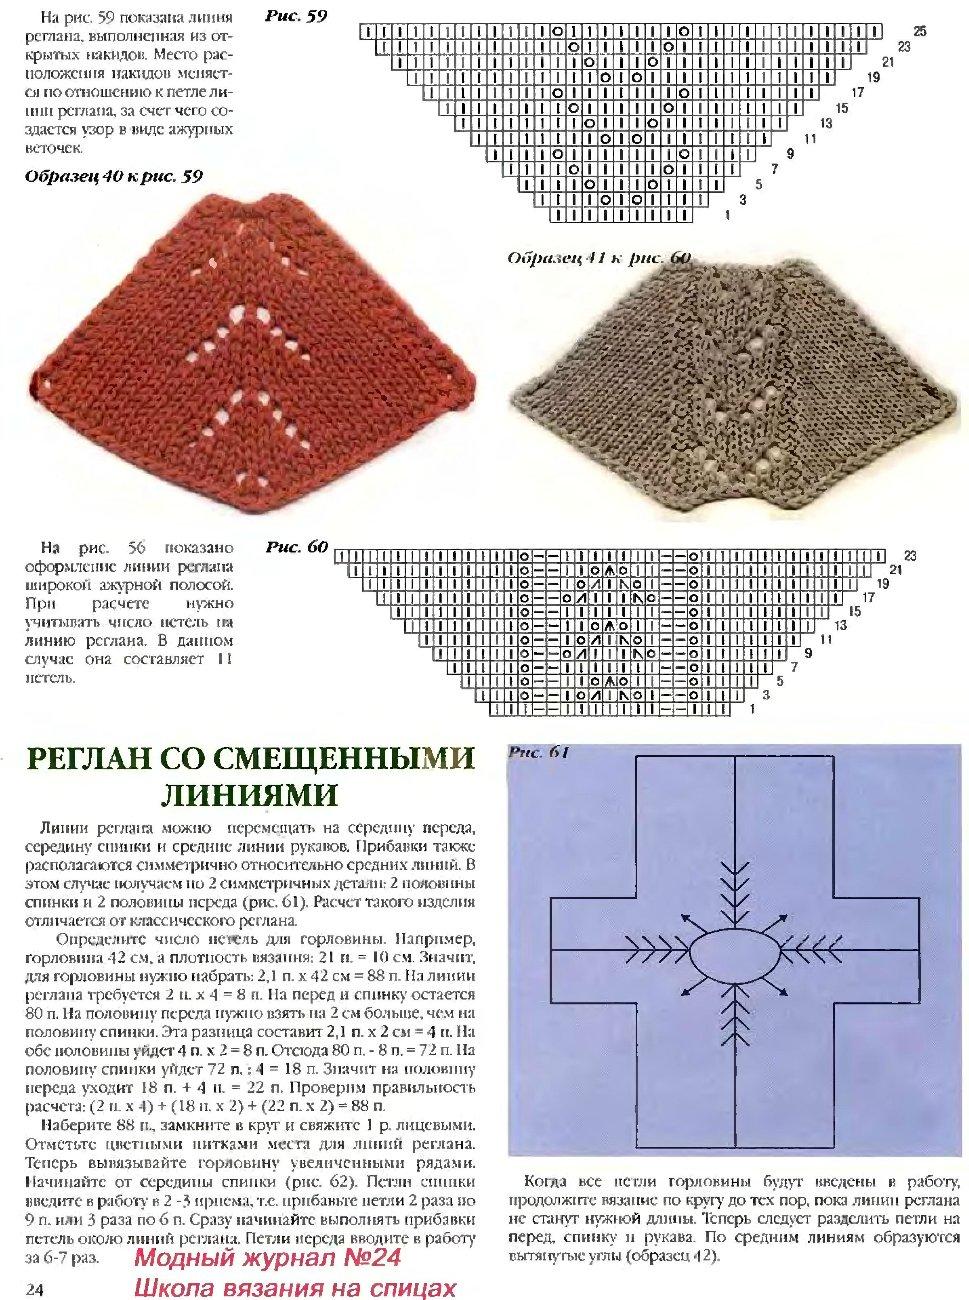 Рисунки для вязания спицами для реглана